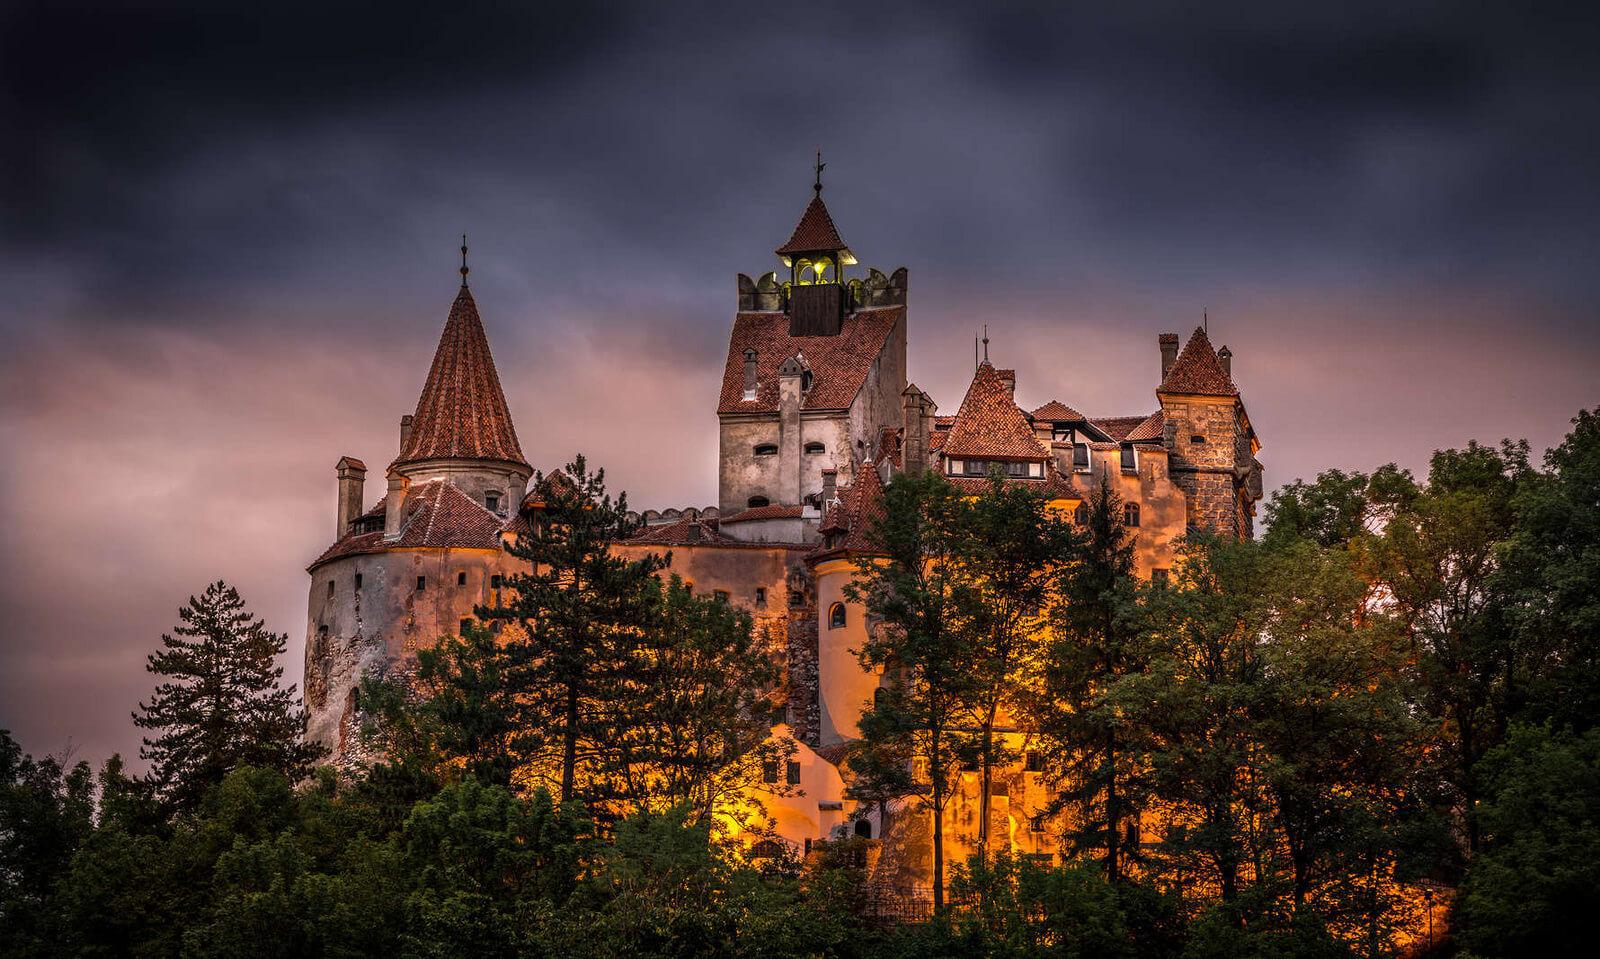 Выходные в Румынии: замки, Дракула! (без Бухареста)